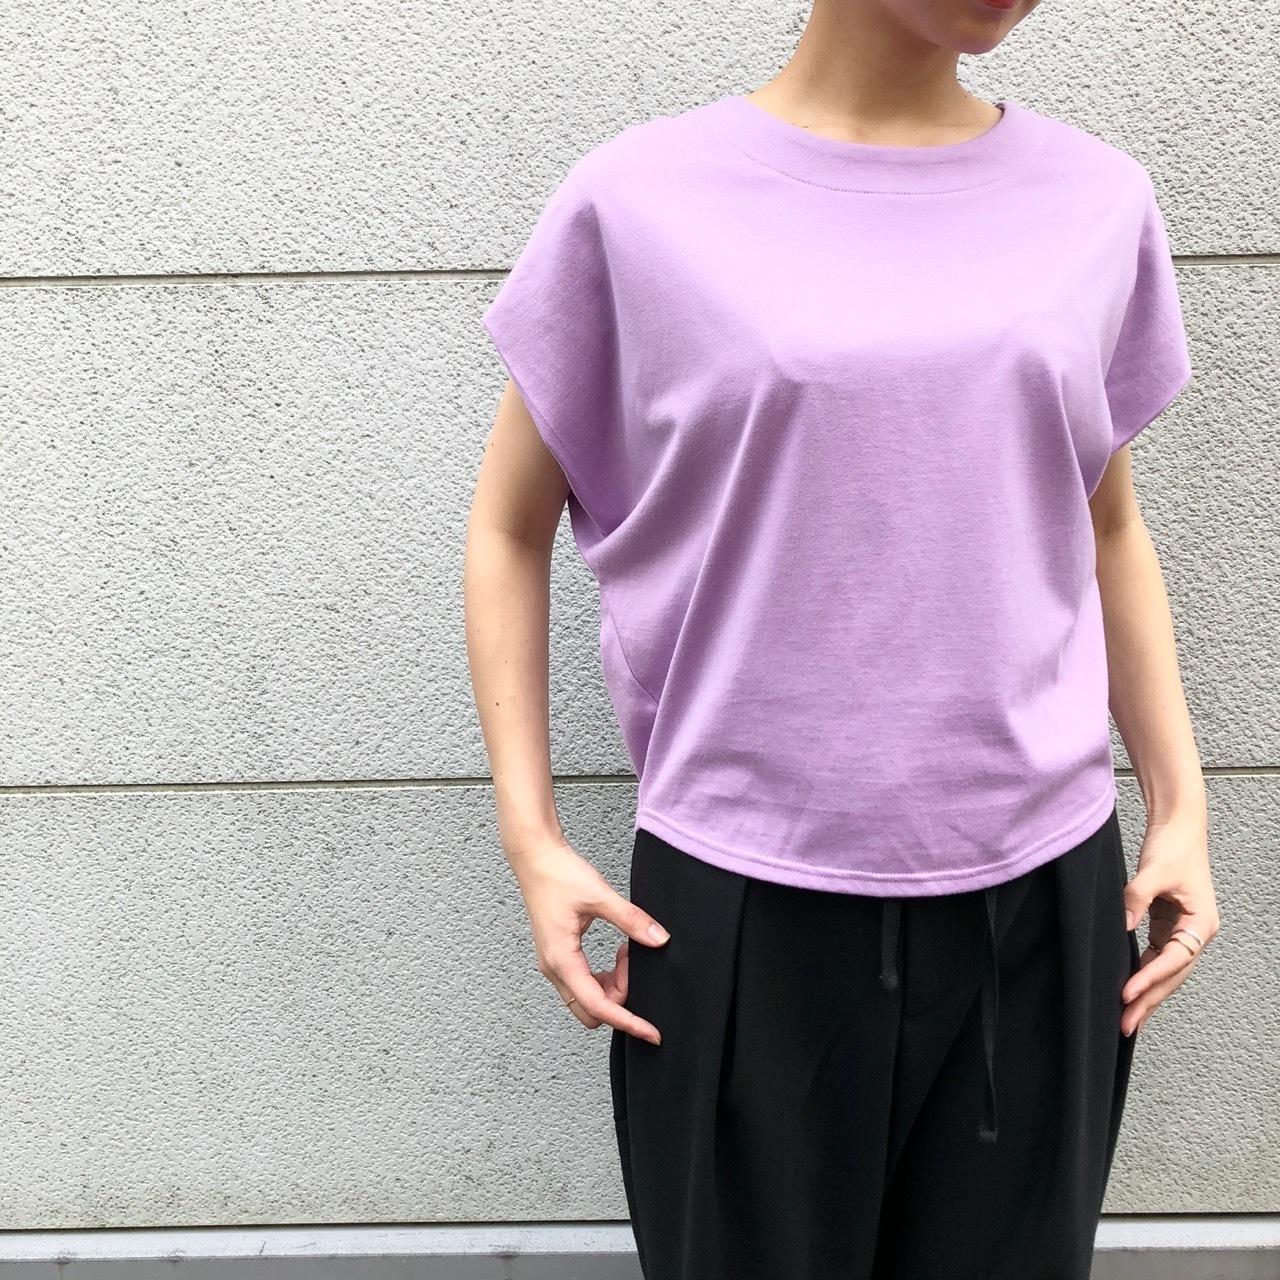 【 QTUME 】- 052-25584 - トップス